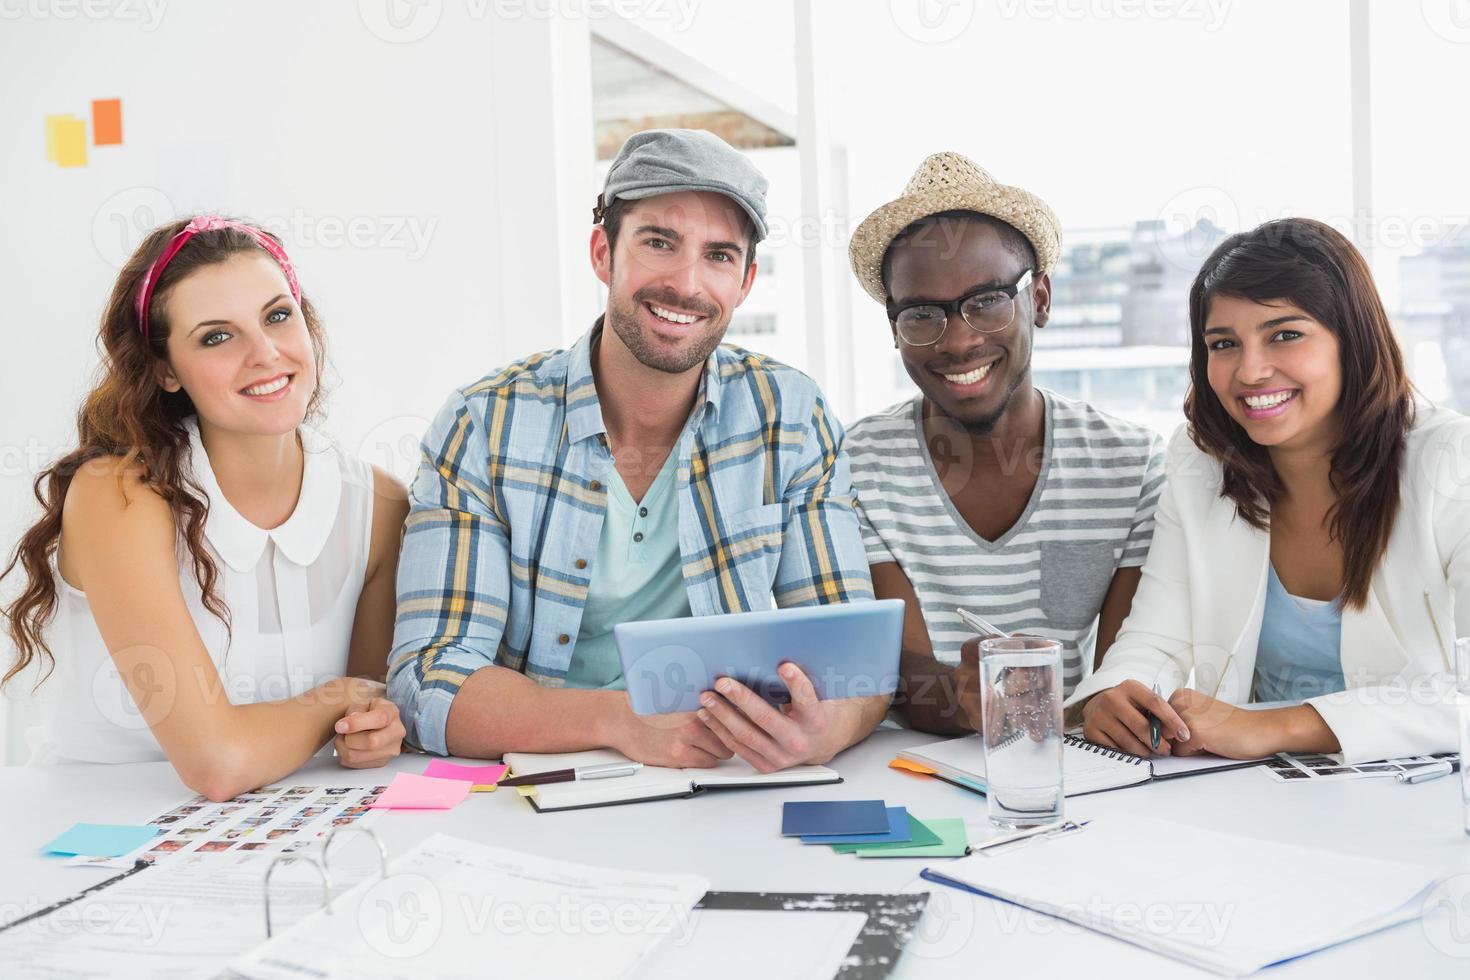 colleghi sorridenti utilizzando la tavoletta digitale foto